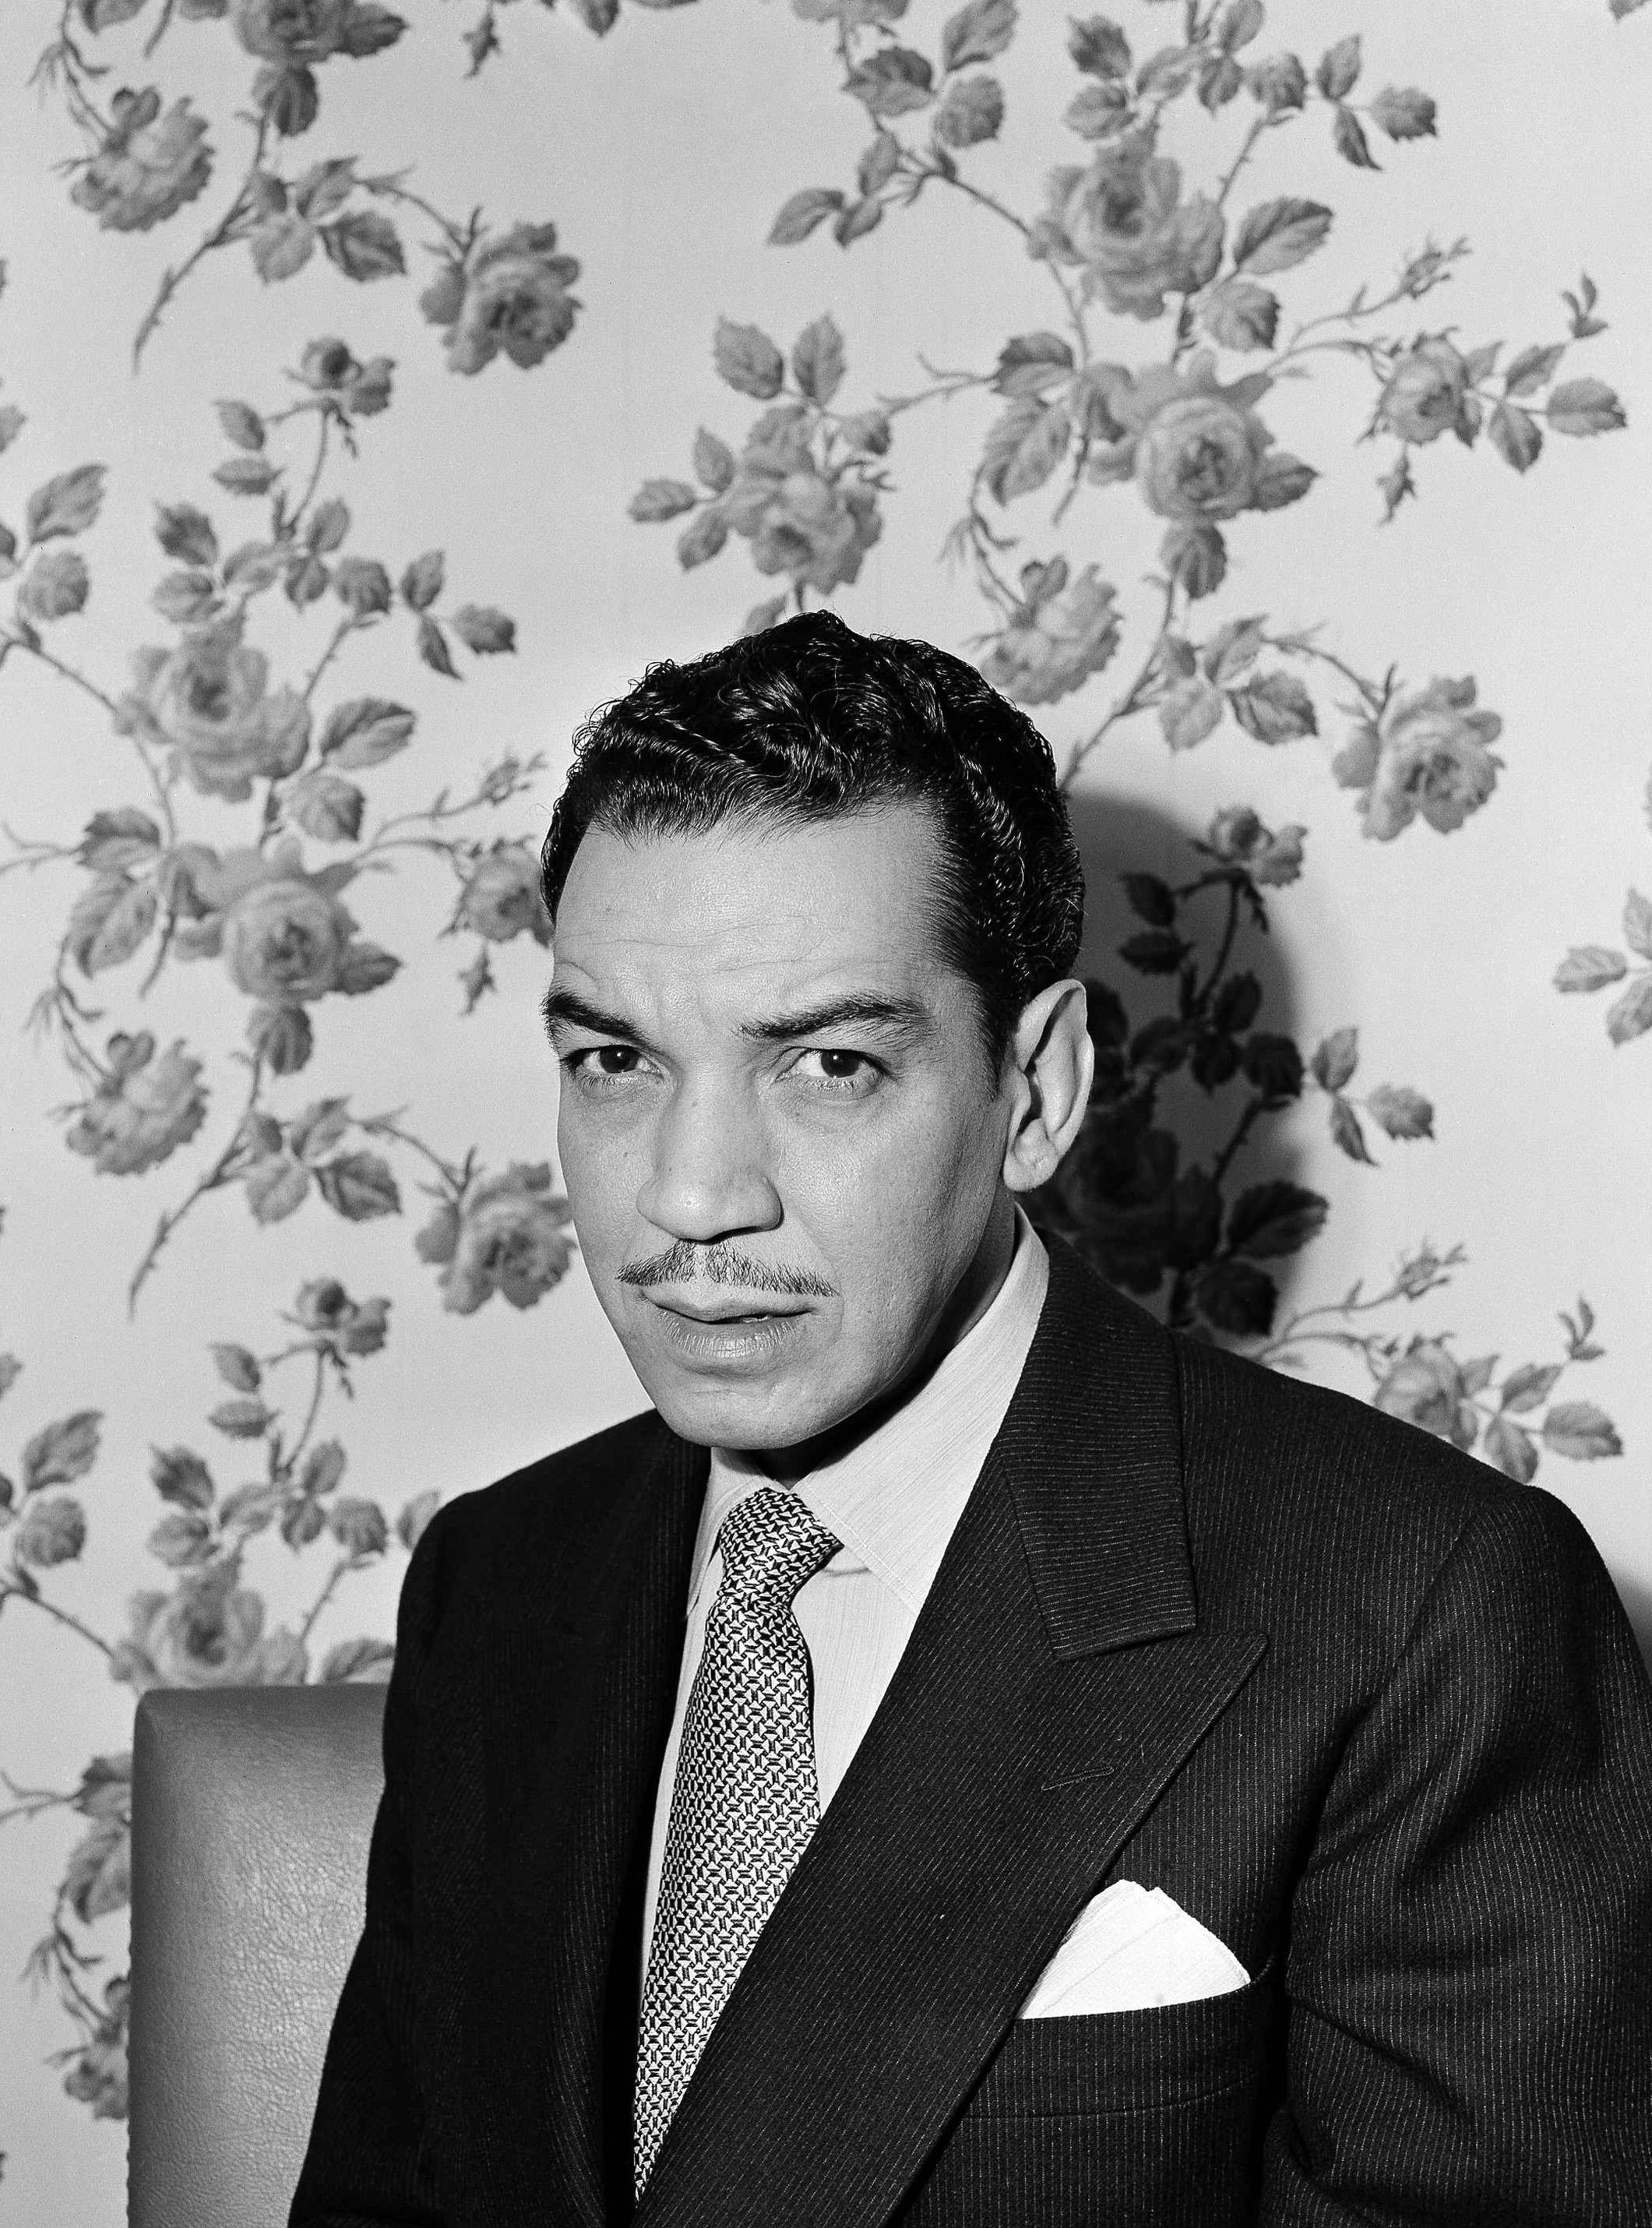 Cantinflas, born Mario Moreno